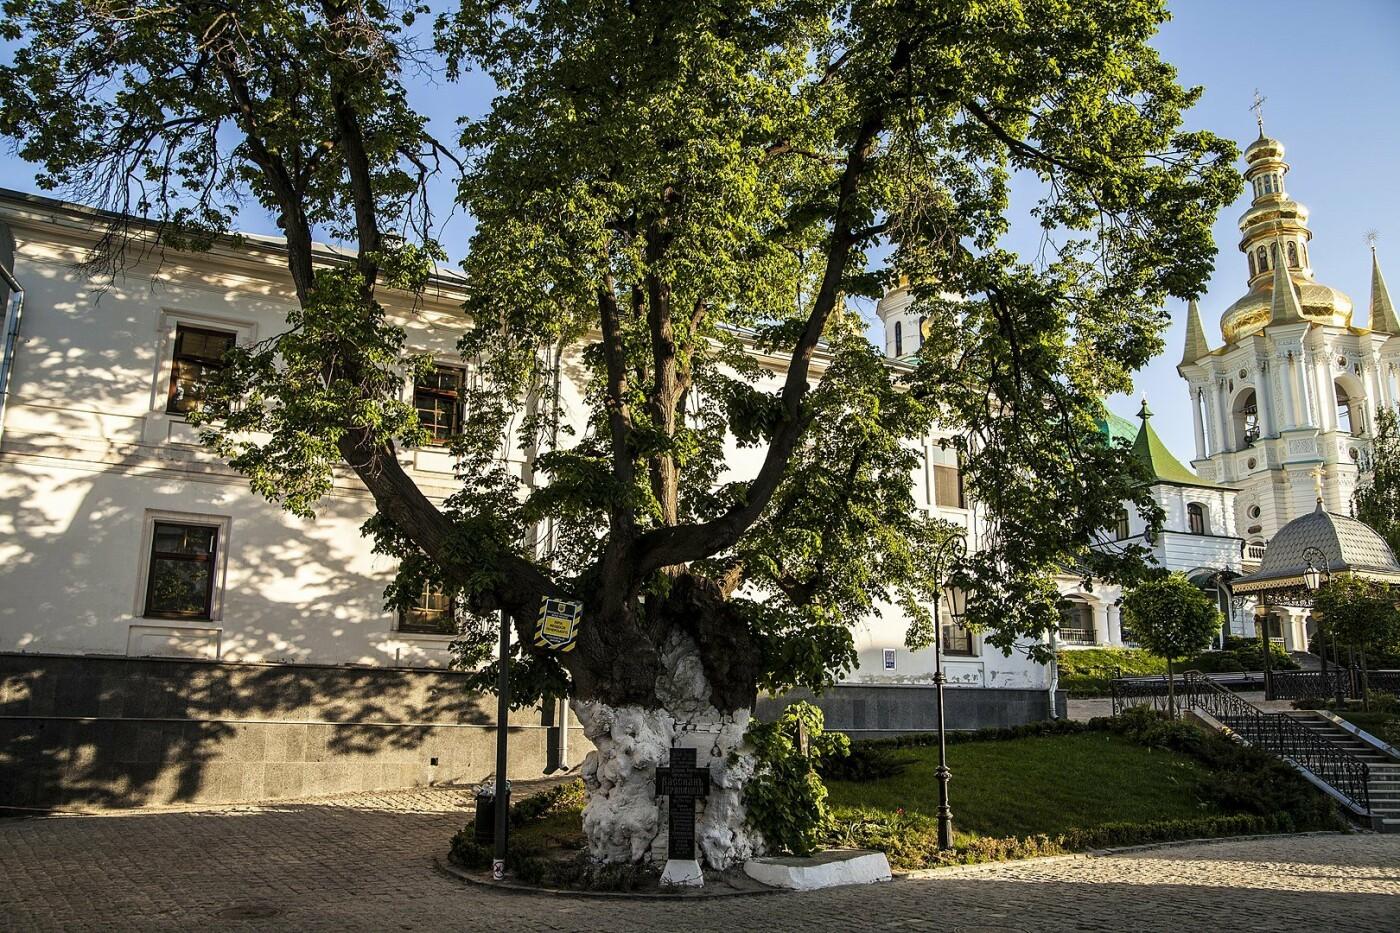 Тысячелетние дубы и липы: ТОП-10 самых старых деревьев Киева, - ФОТО, Фото: Википедия